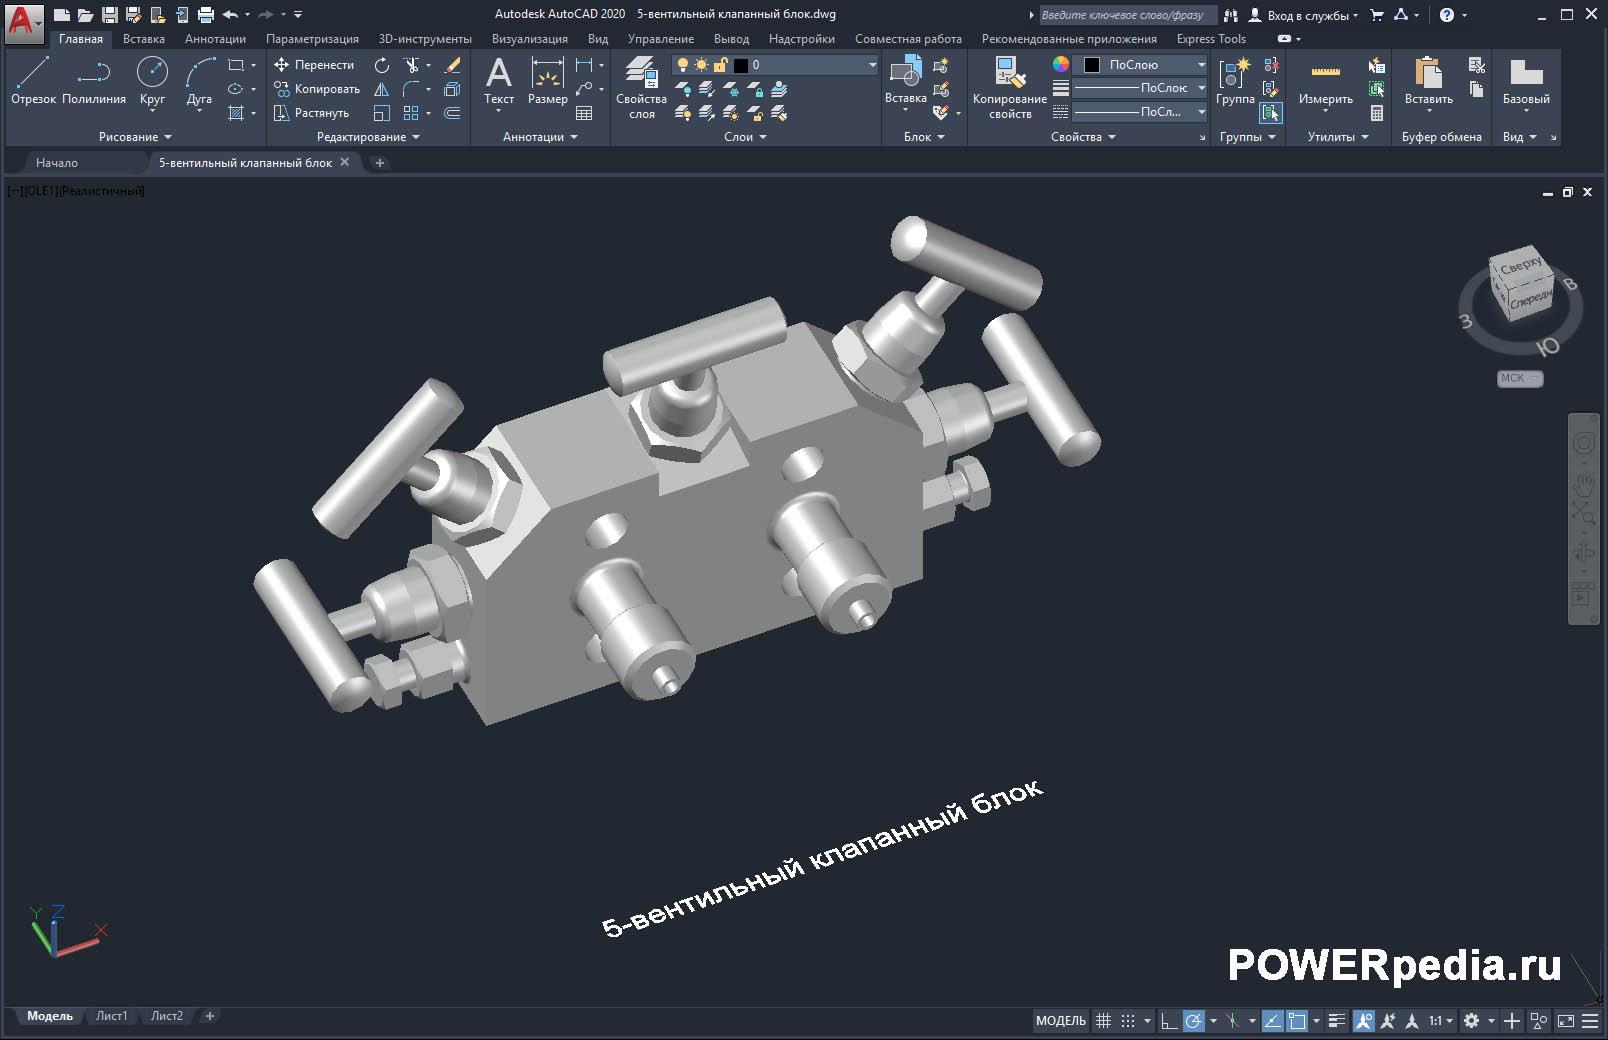 3D модель 5-ветильного клапанного блока